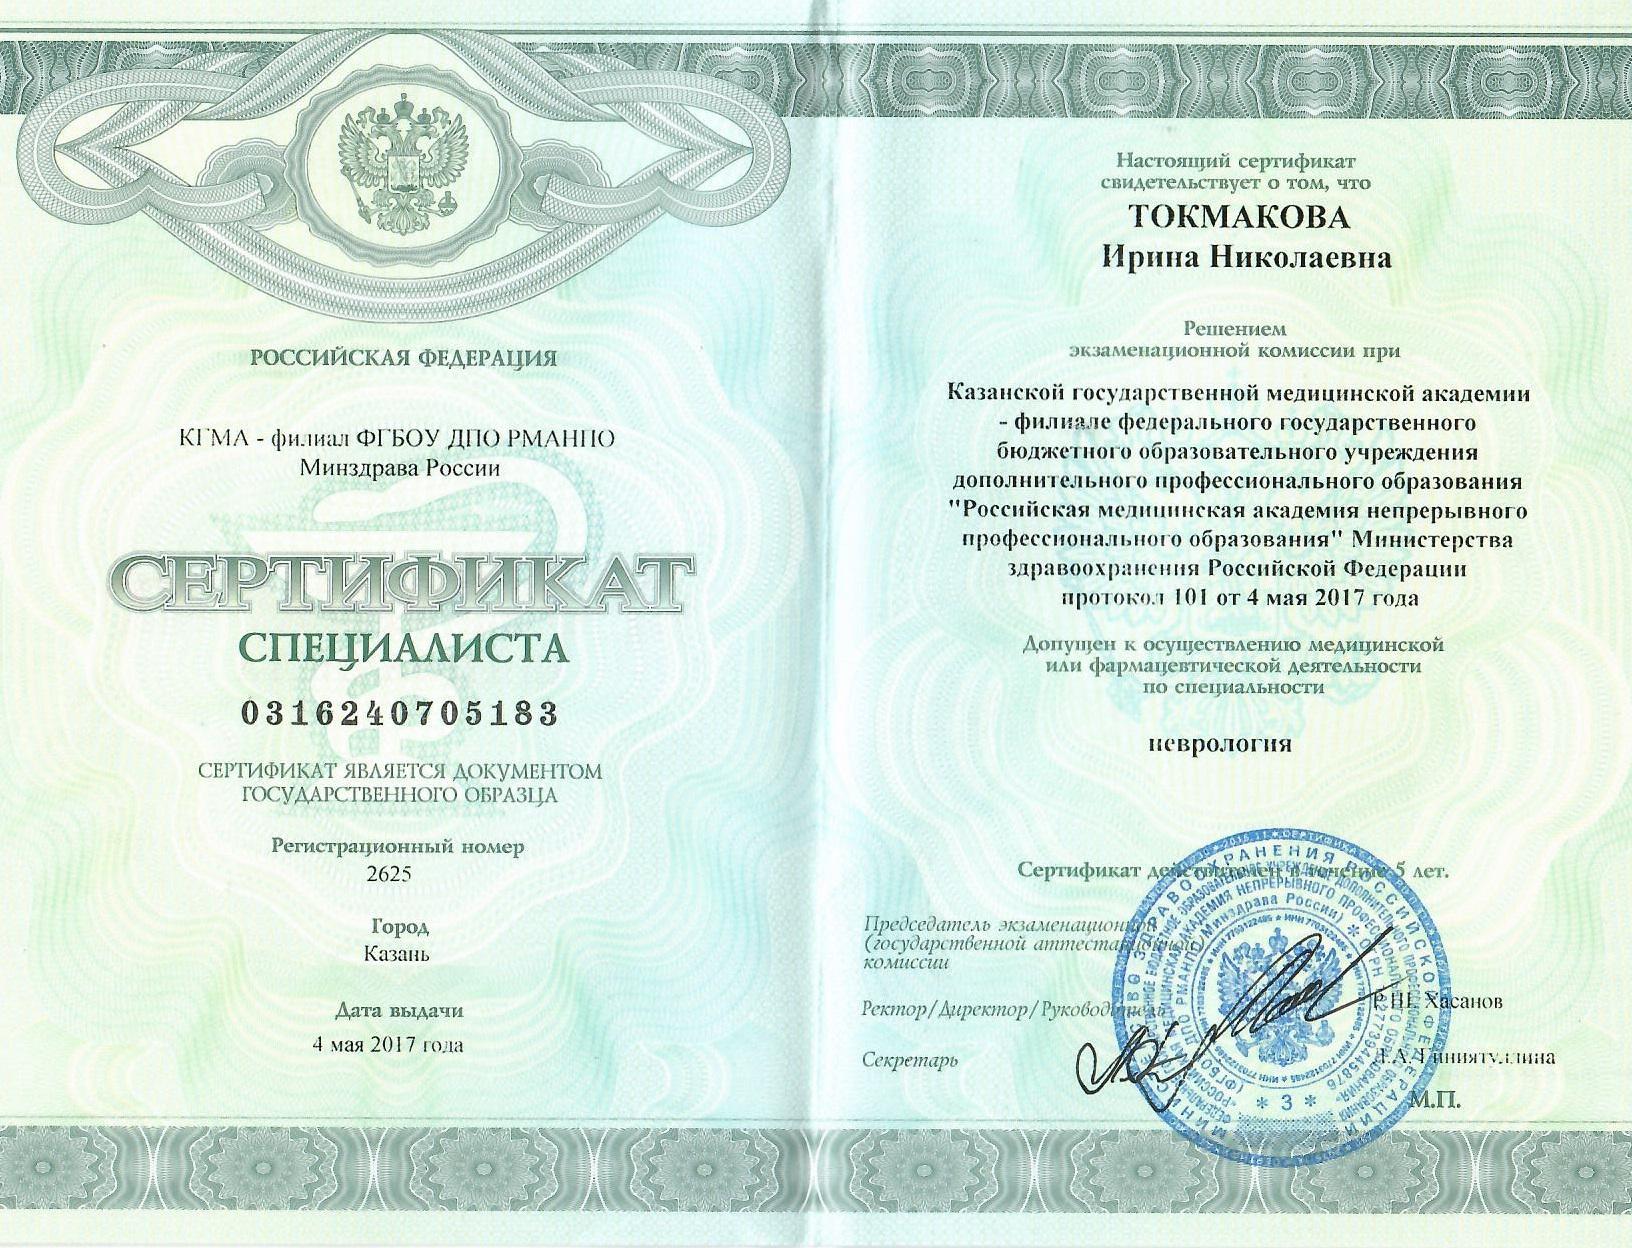 токмакова сертификат